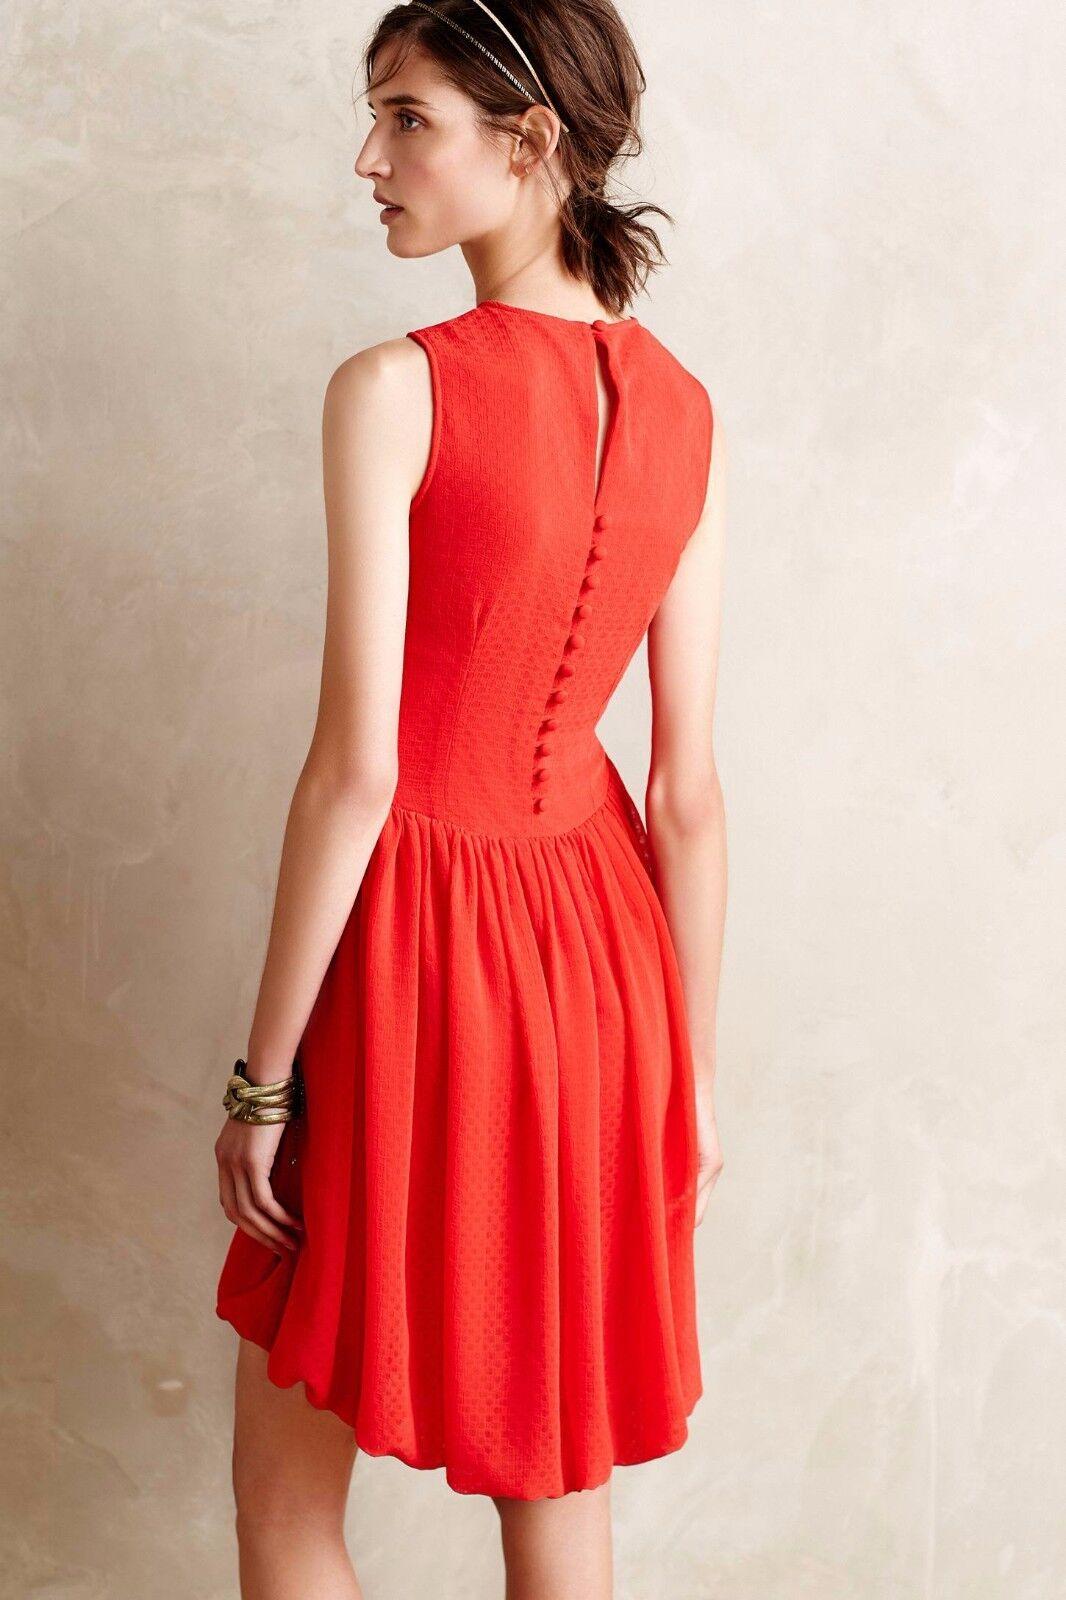 NWT Anthropologie Crimson Fizz Dress Dress Dress 5f7e8e